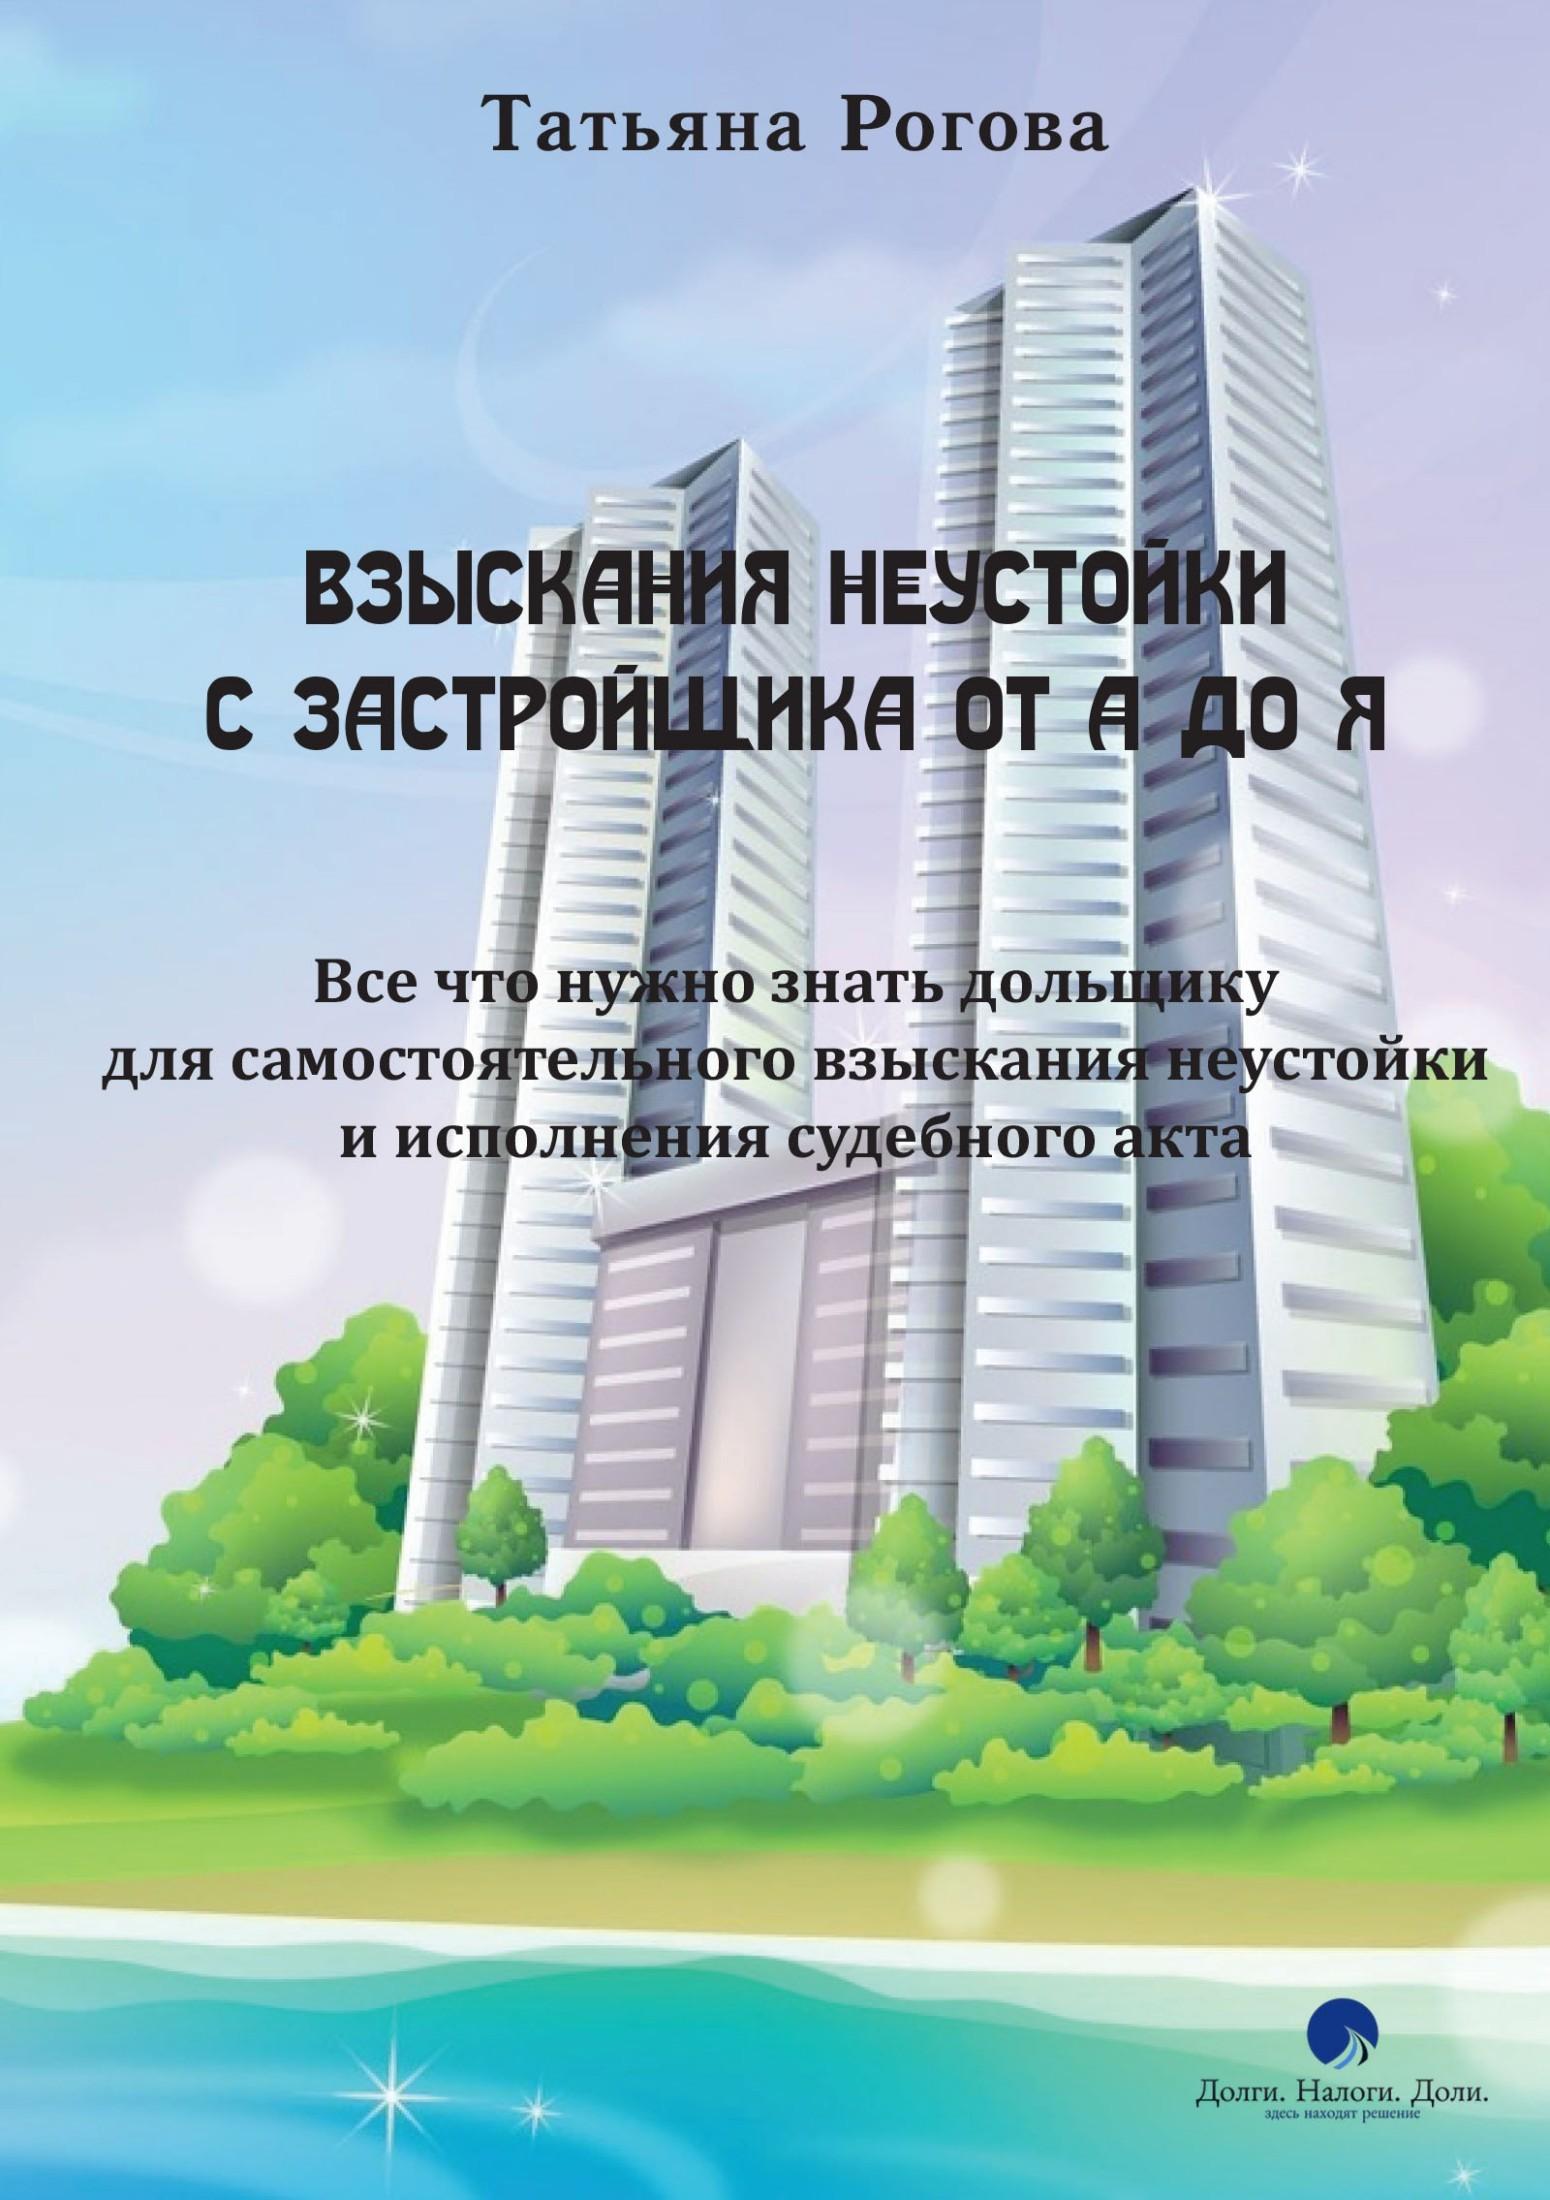 Татьяна Юрьена Рогоа зыскания неустойки с А до Я